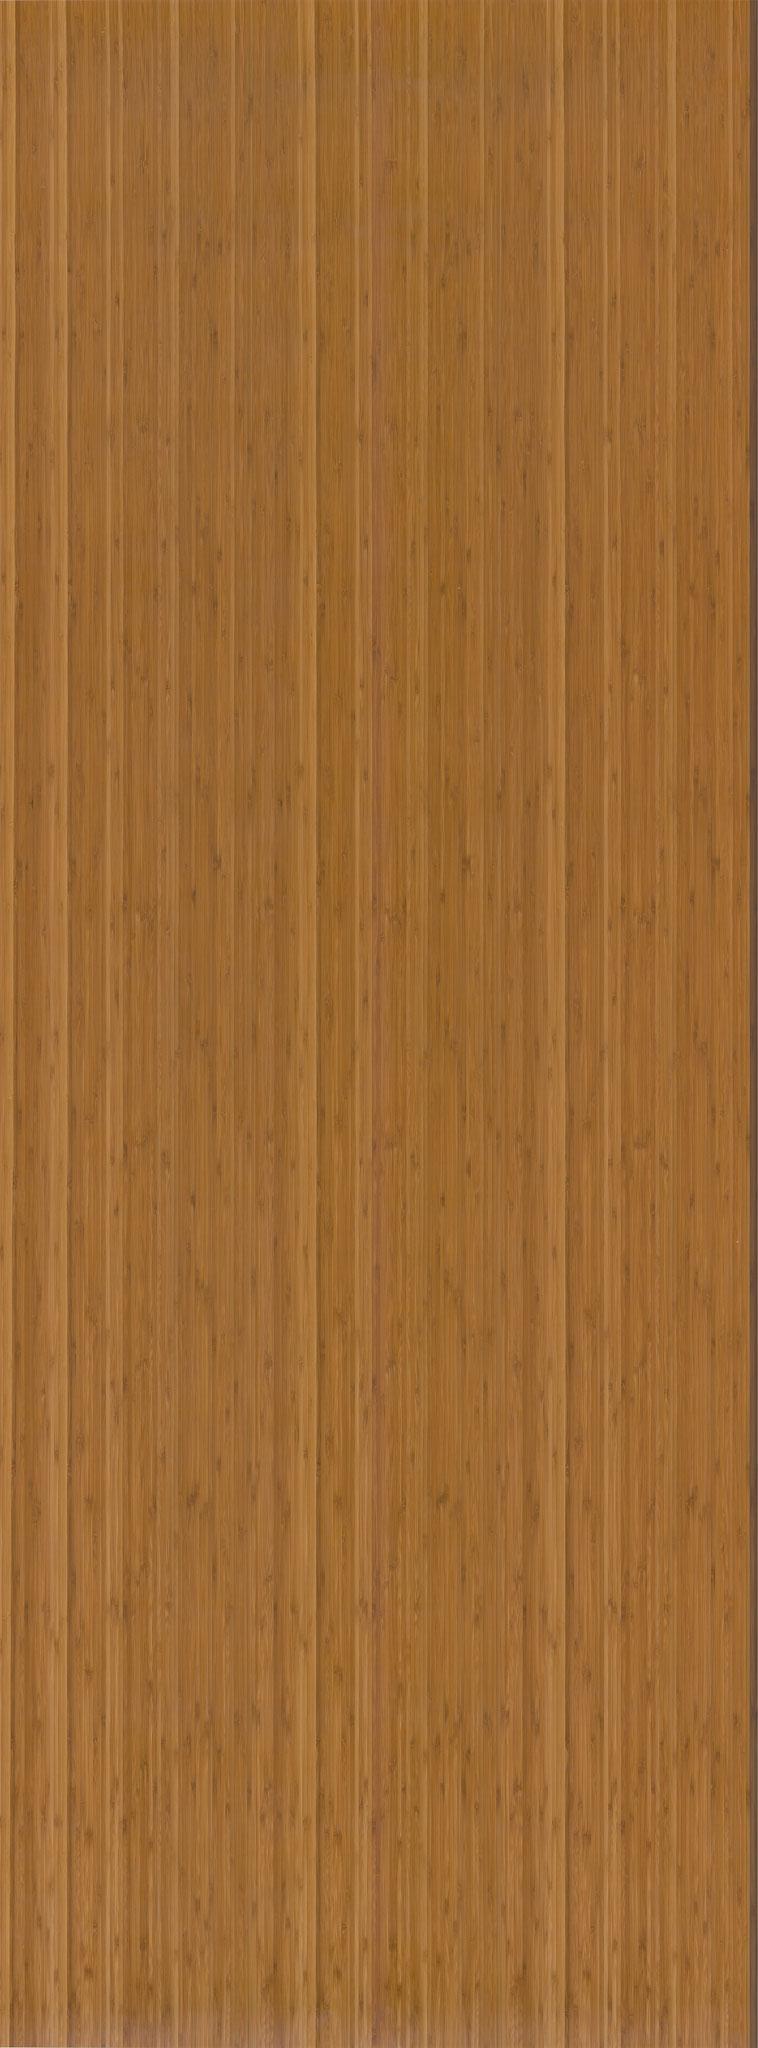 Bamboo-Narrow-Caramel